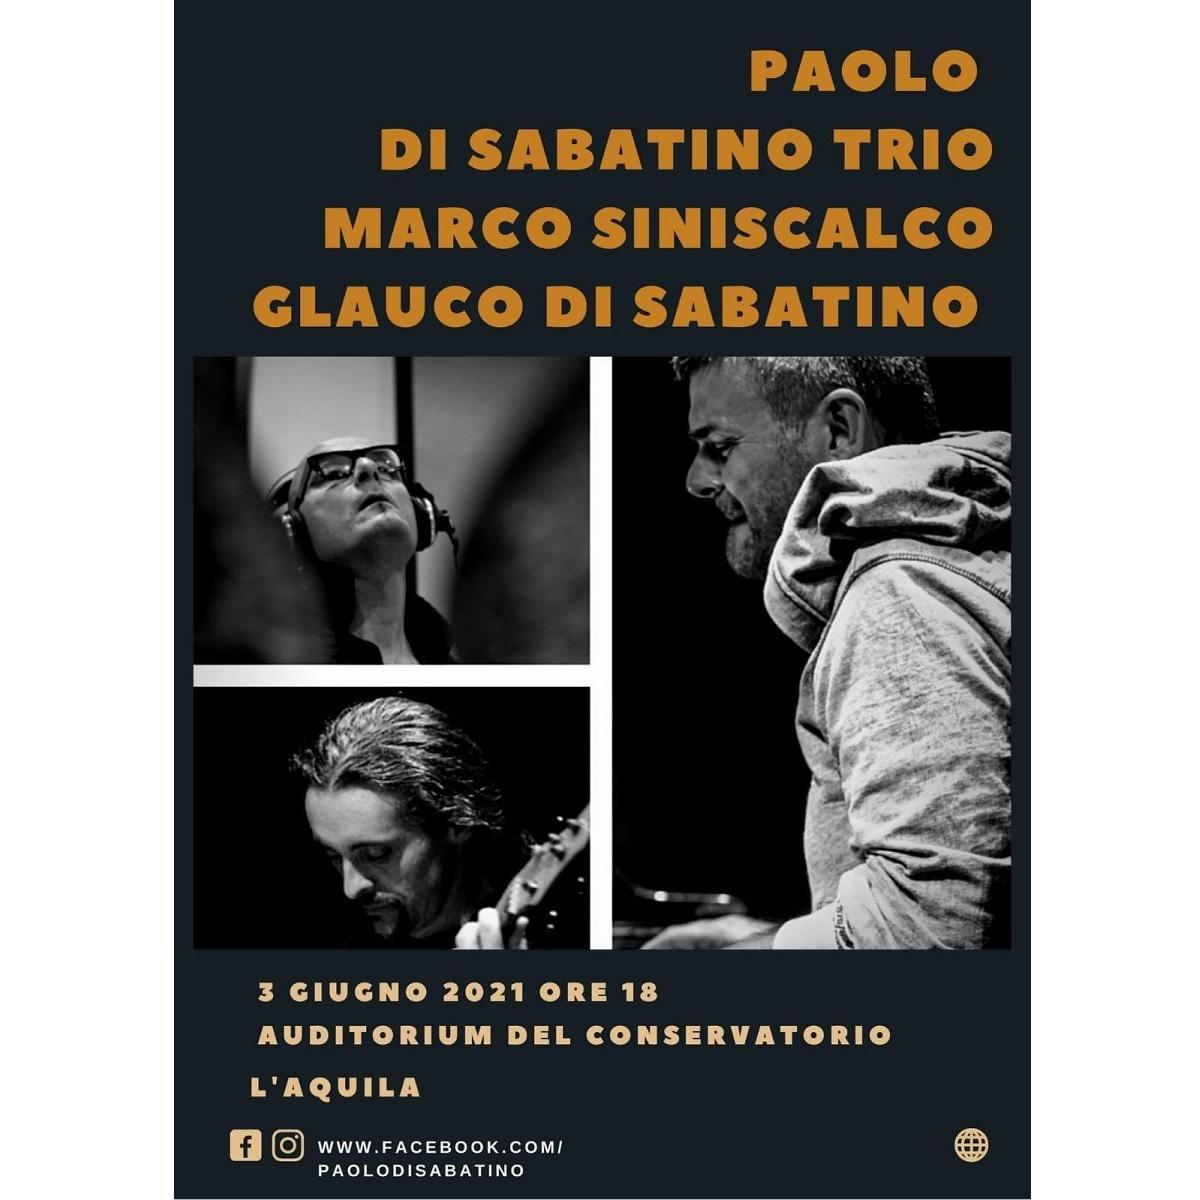 Paolo Di Sabatino Trio a L'Aquila il 3 giugno 2021 foto